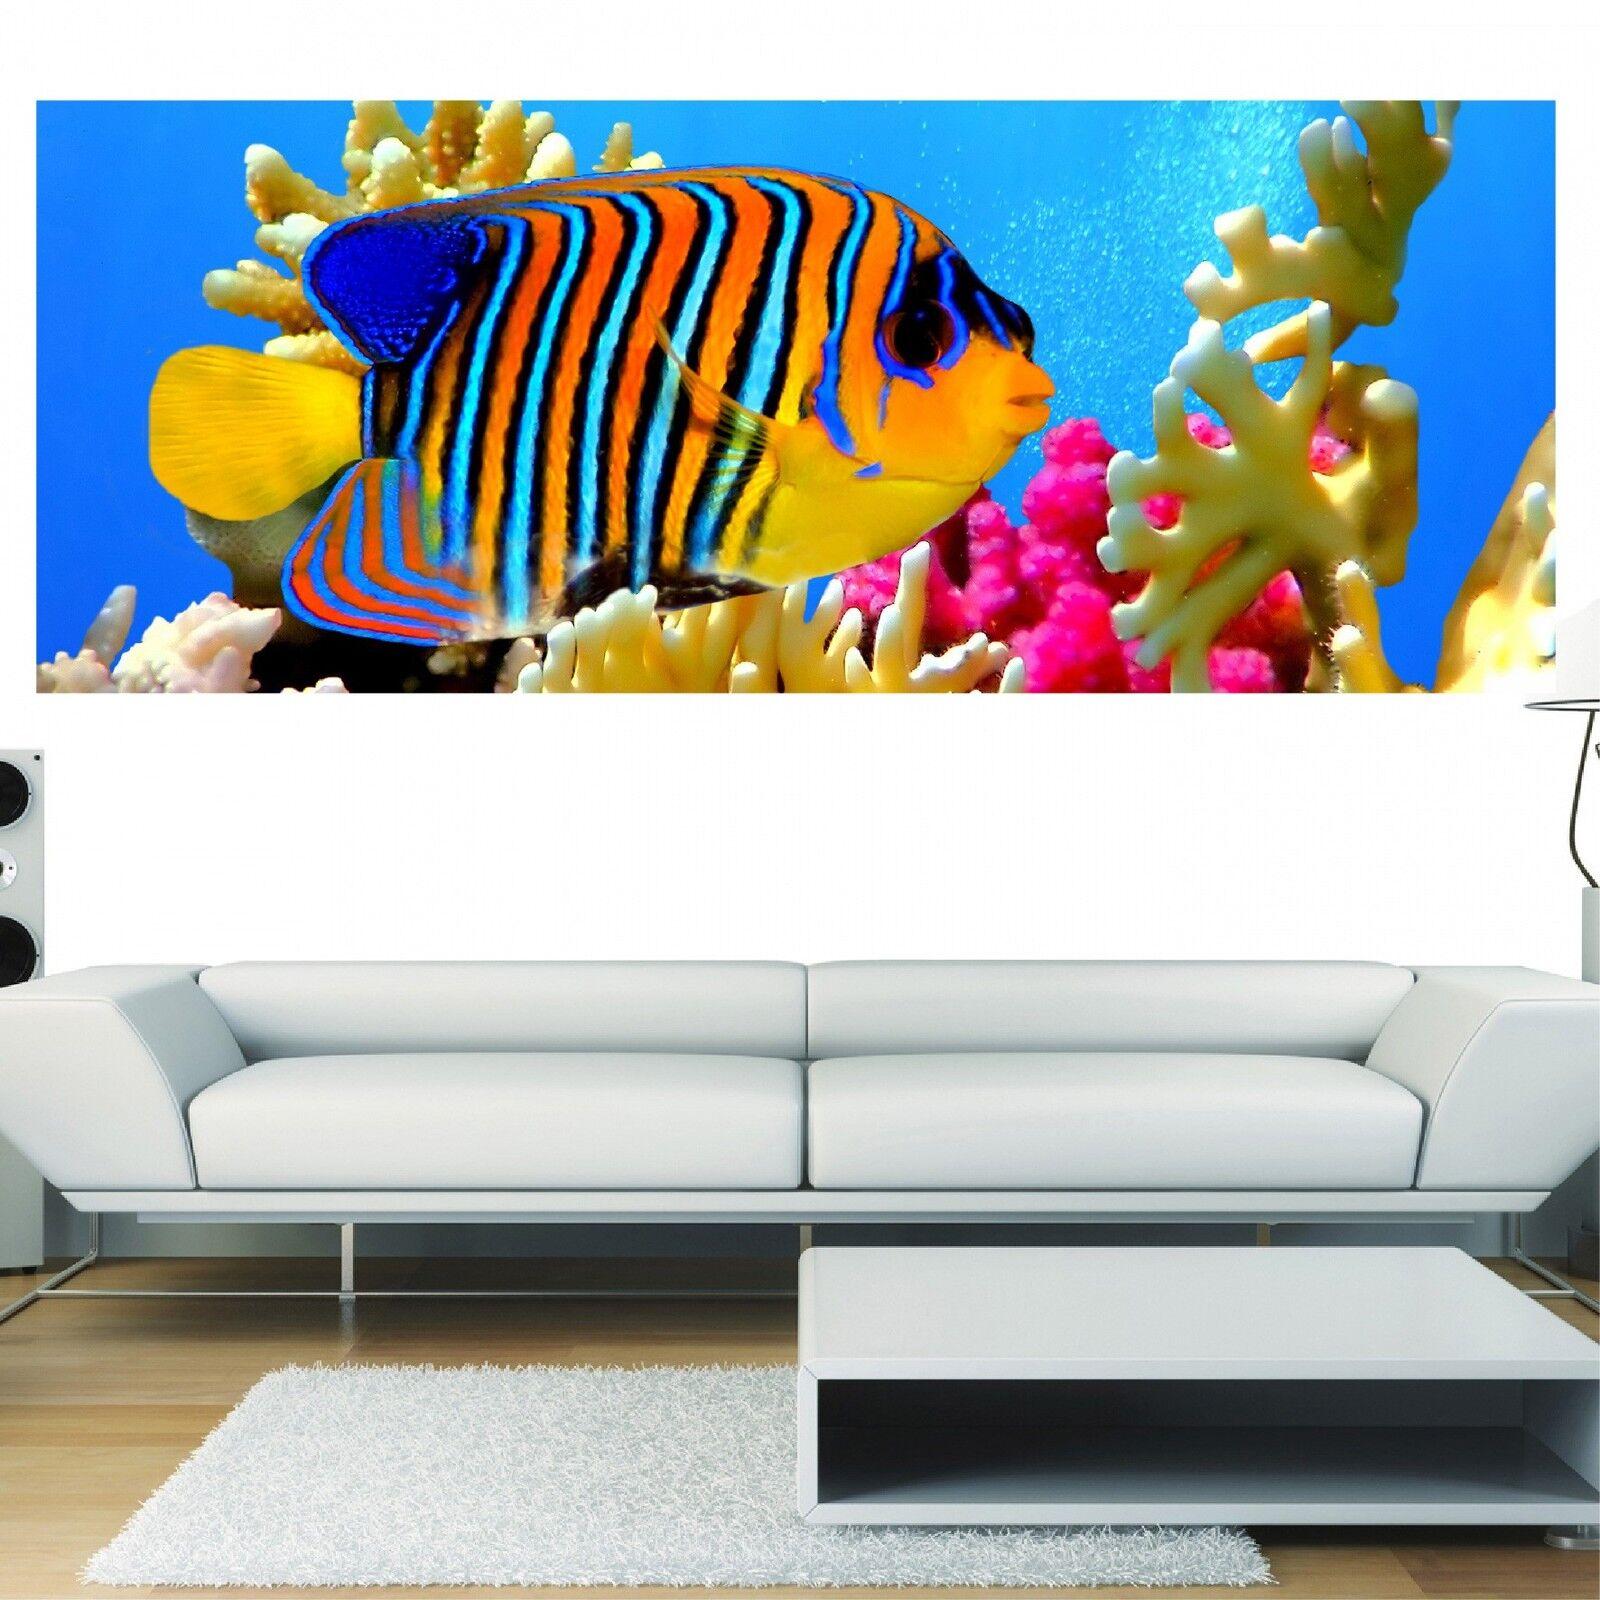 Papel pintado panorámica peces exótico 3613 Arte decoración Pegatinas